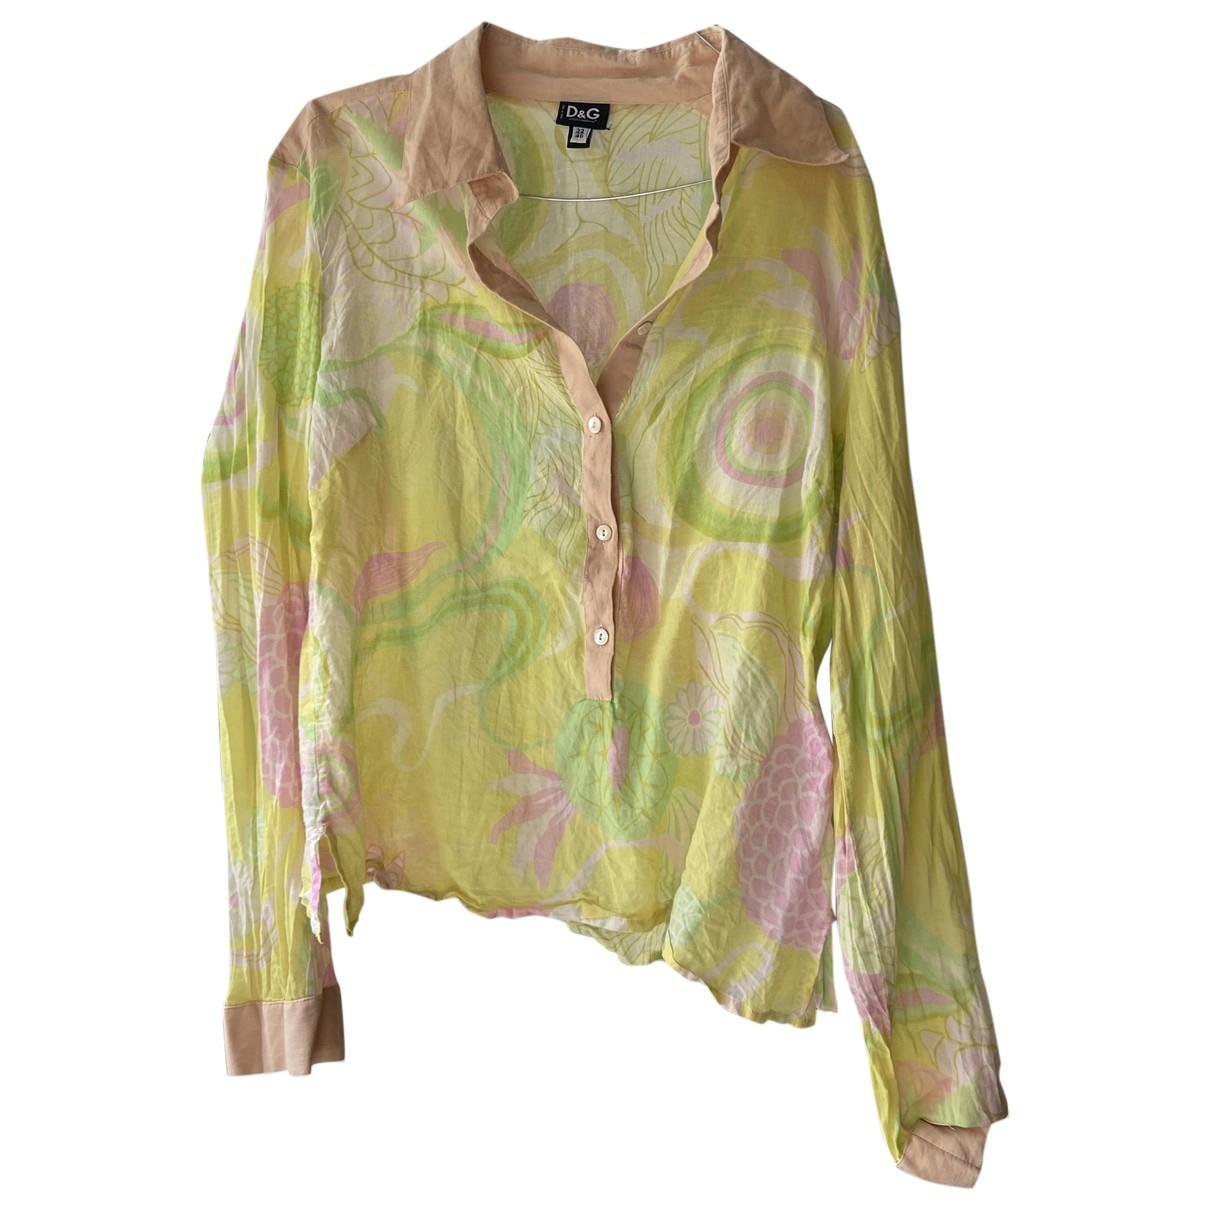 D&g \N Multicolour Cotton  top for Women 46 FR